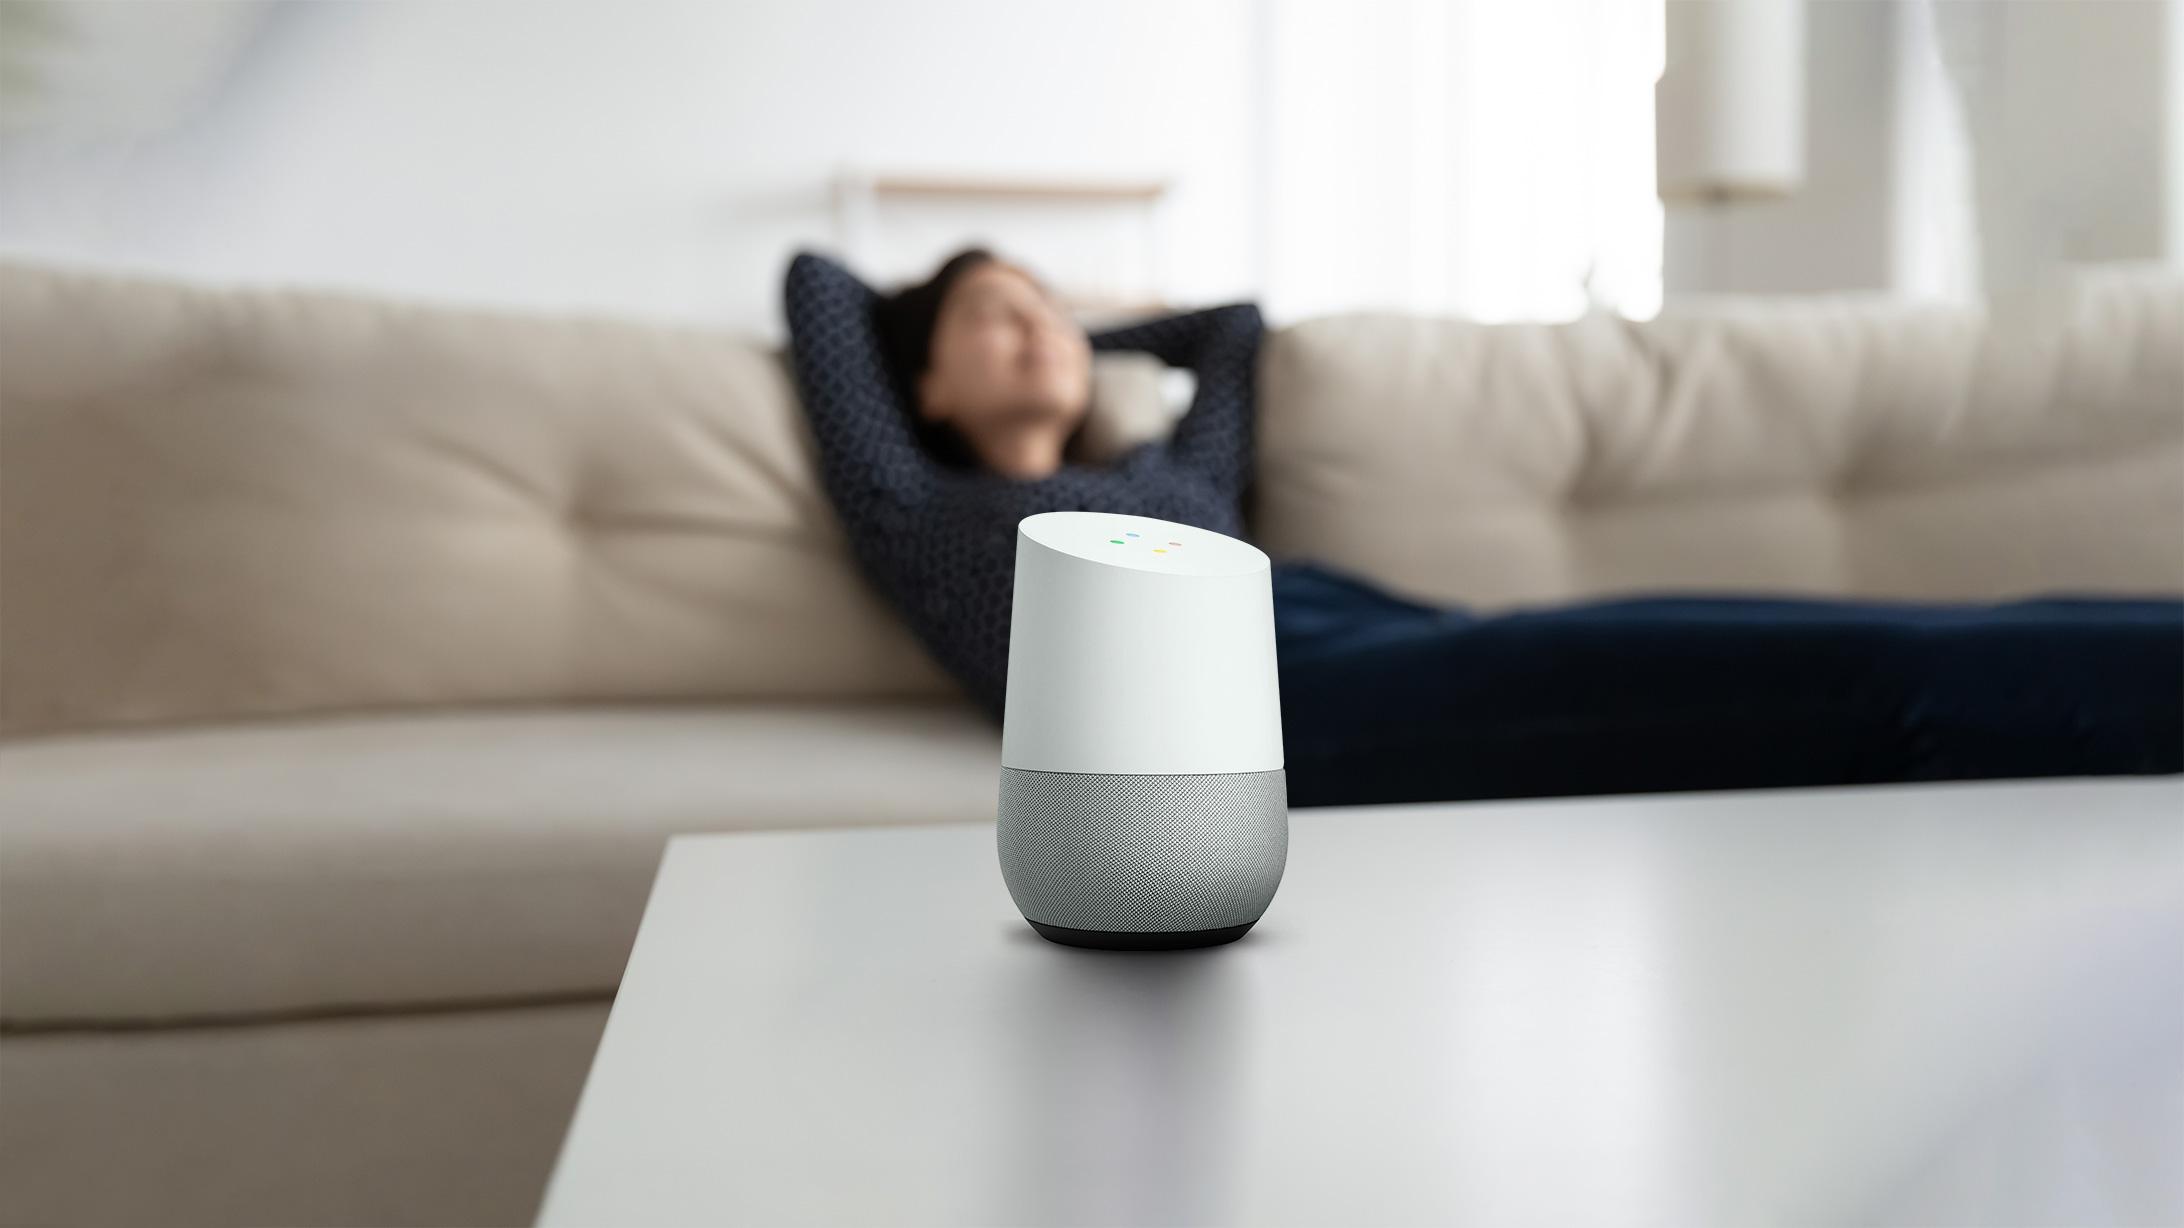 Google Home Smartspeaker auf einem Tisch mit Frau im Hintergrund auf dem Sofa.